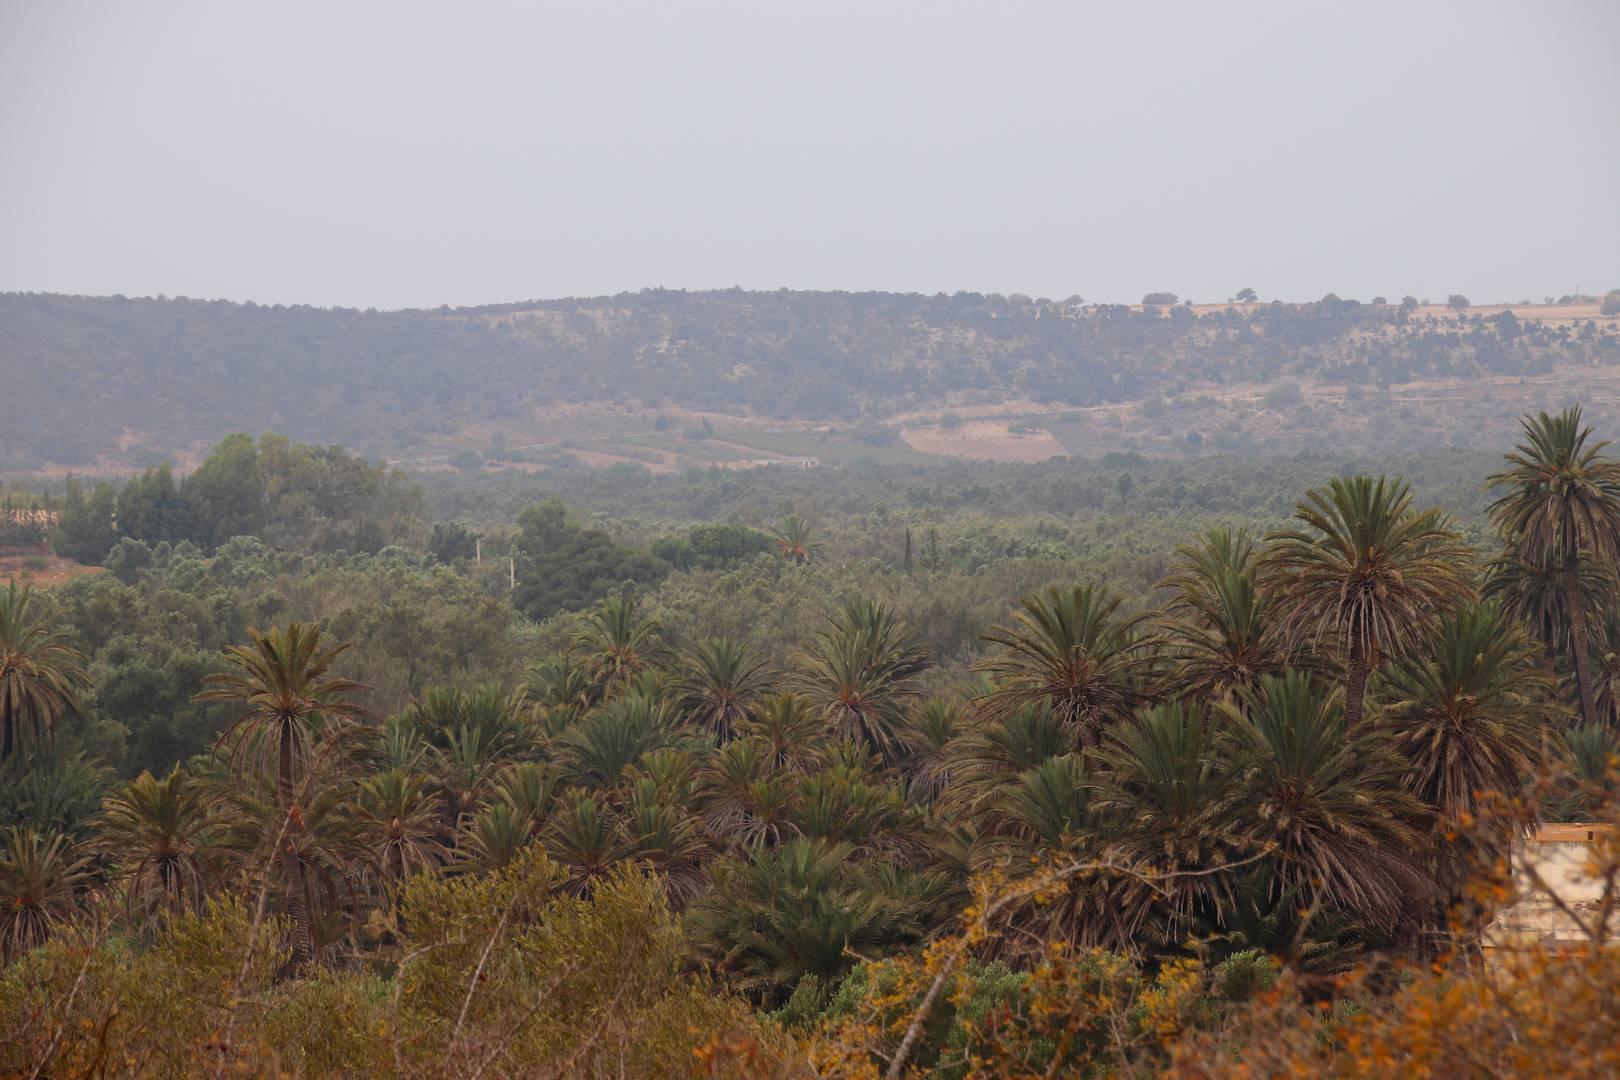 Maroc - L'oasis Ain Lahdjar à côté d'Essaouira